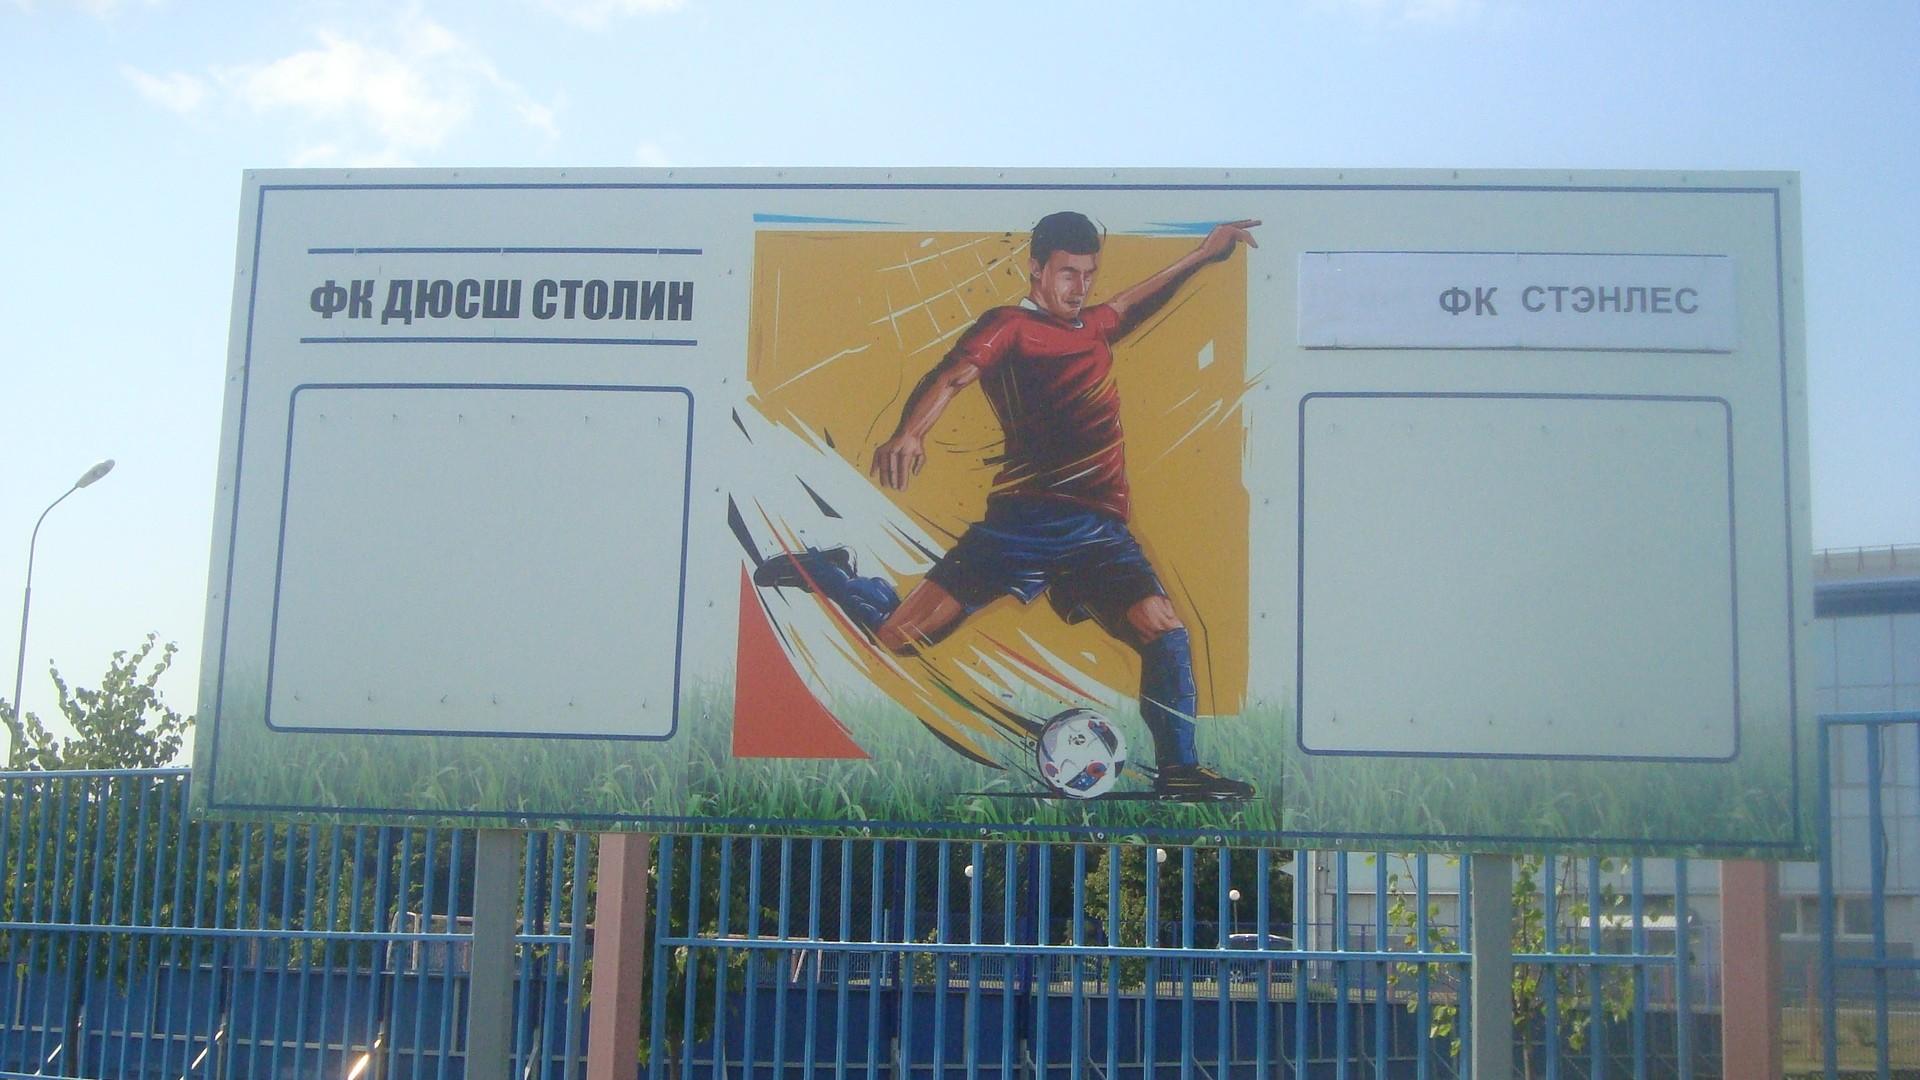 Голевое пиршество на уютном спортивном комплексе в Столине (фото плюс комментарий игрока)